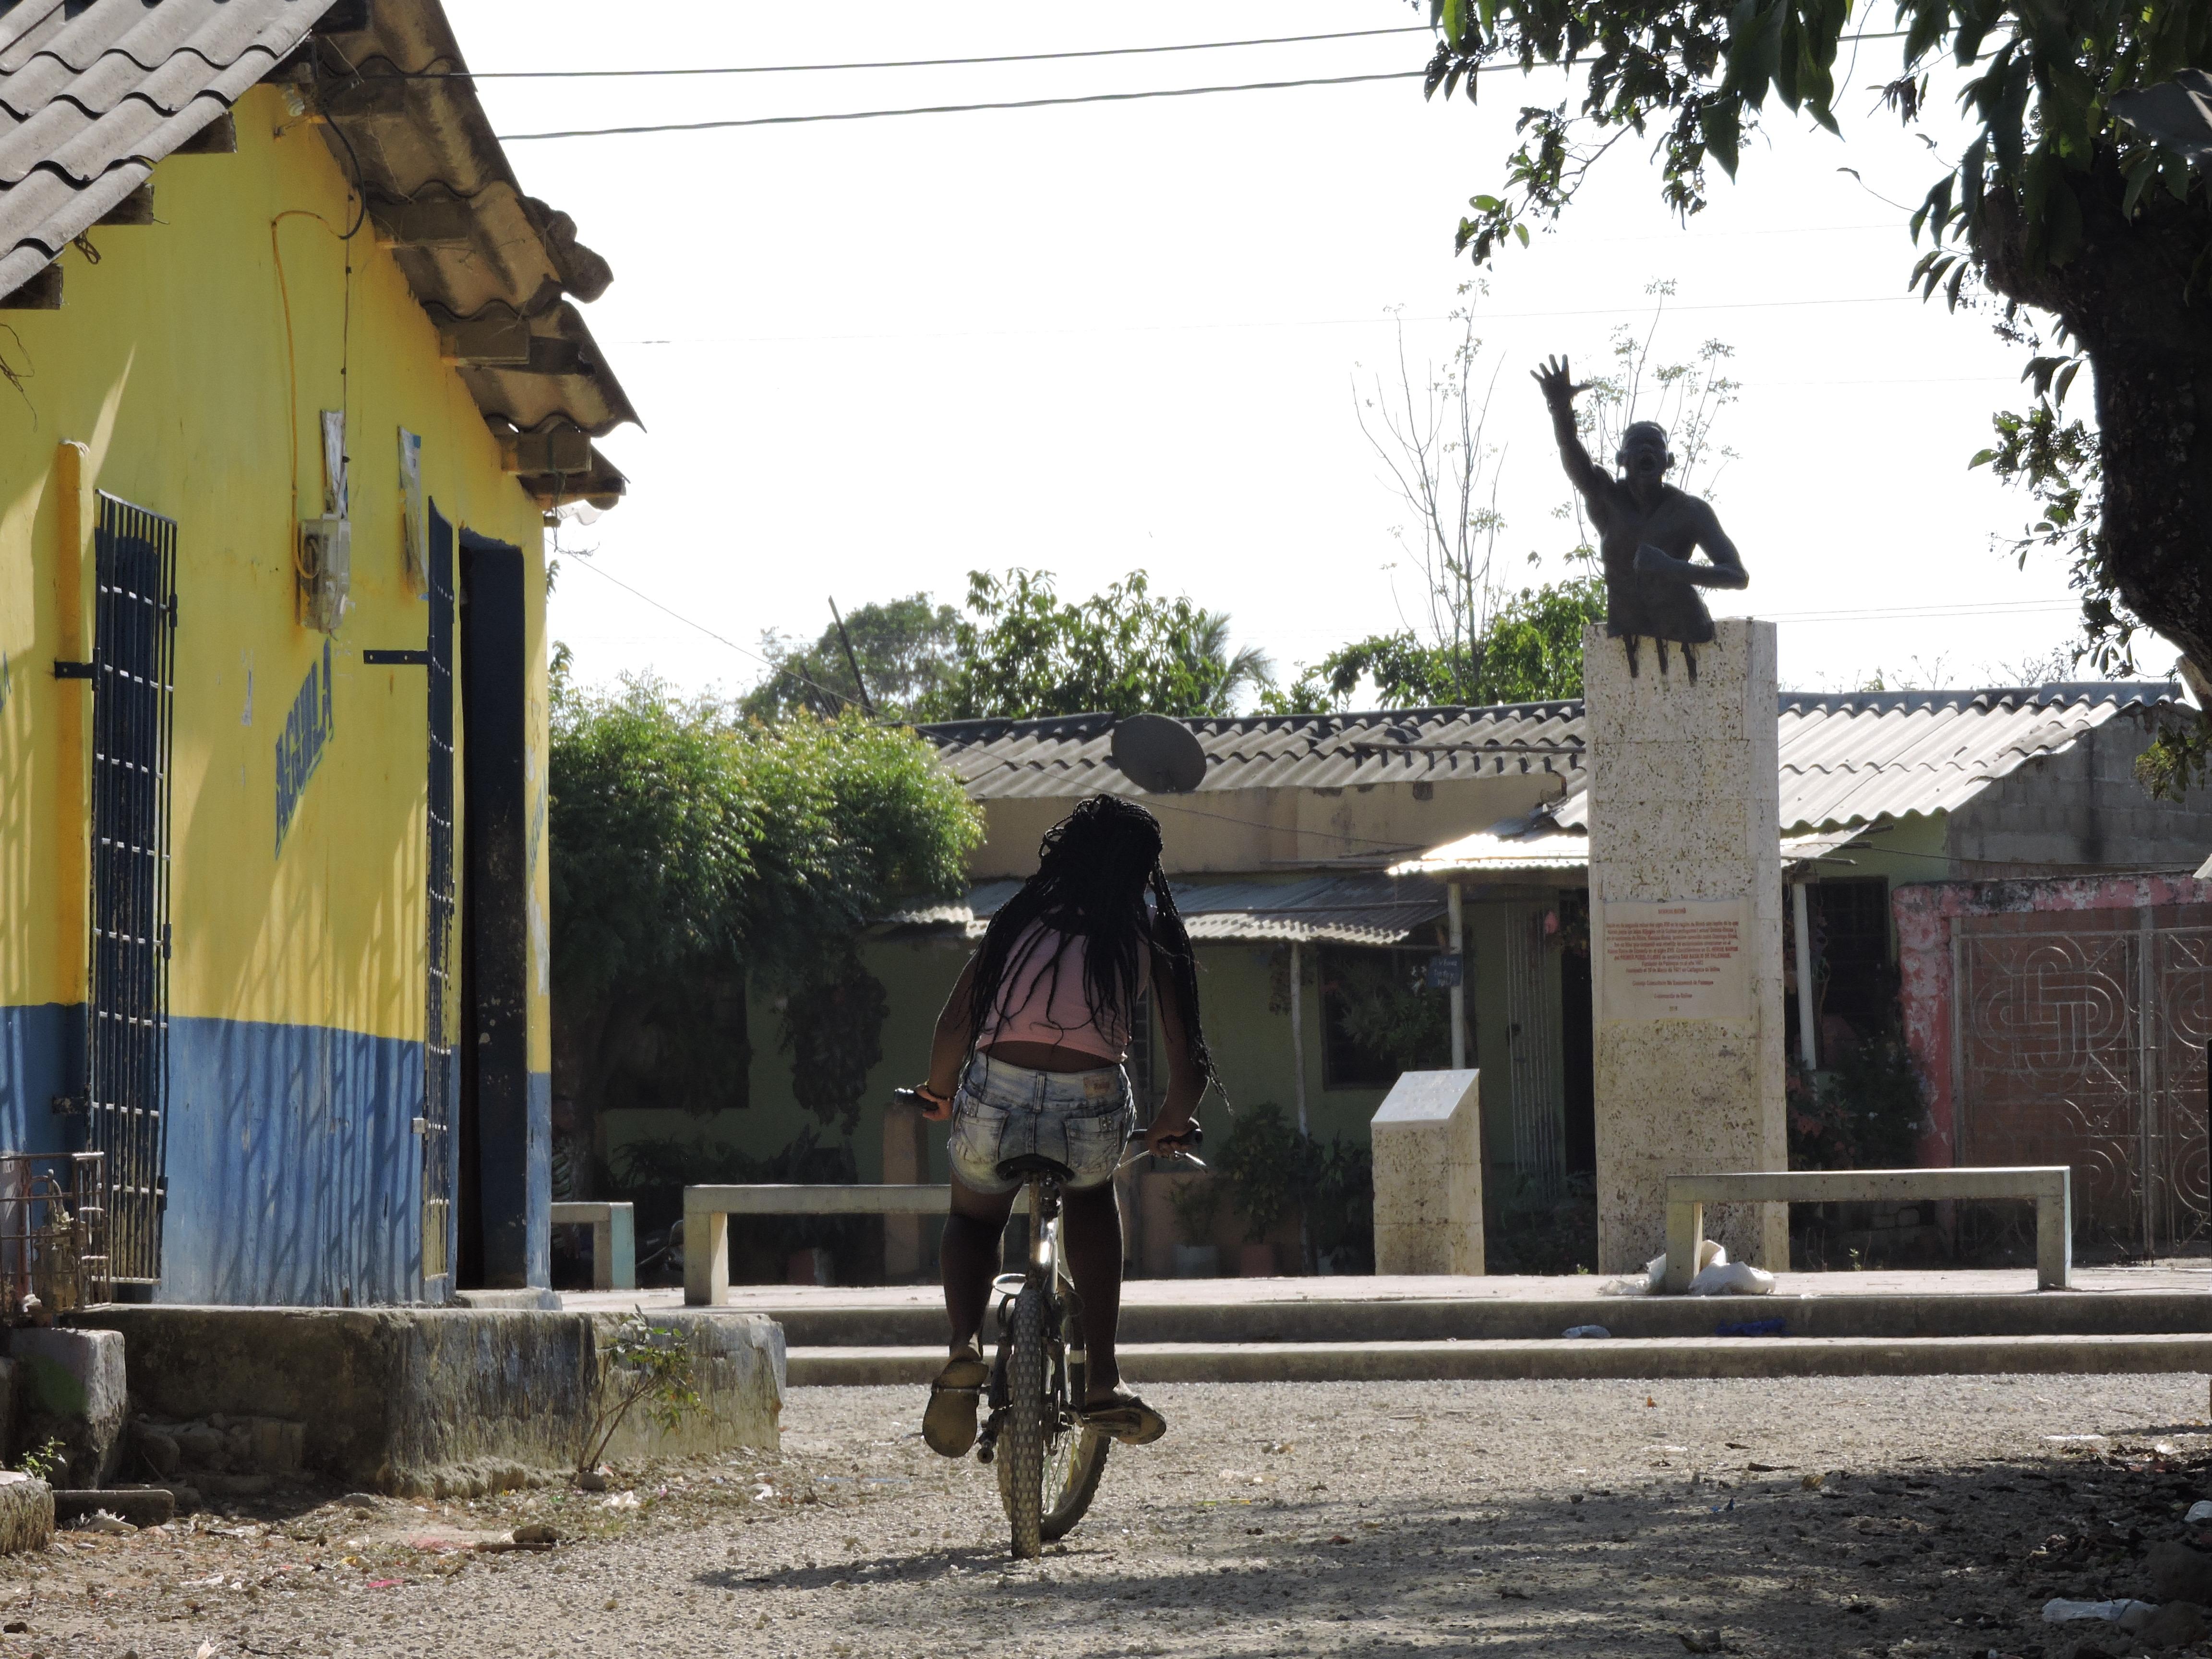 Une jeune fille en vélo sur la place principale du village où trône la statue du héros des afrocolombiens Benko Bioho